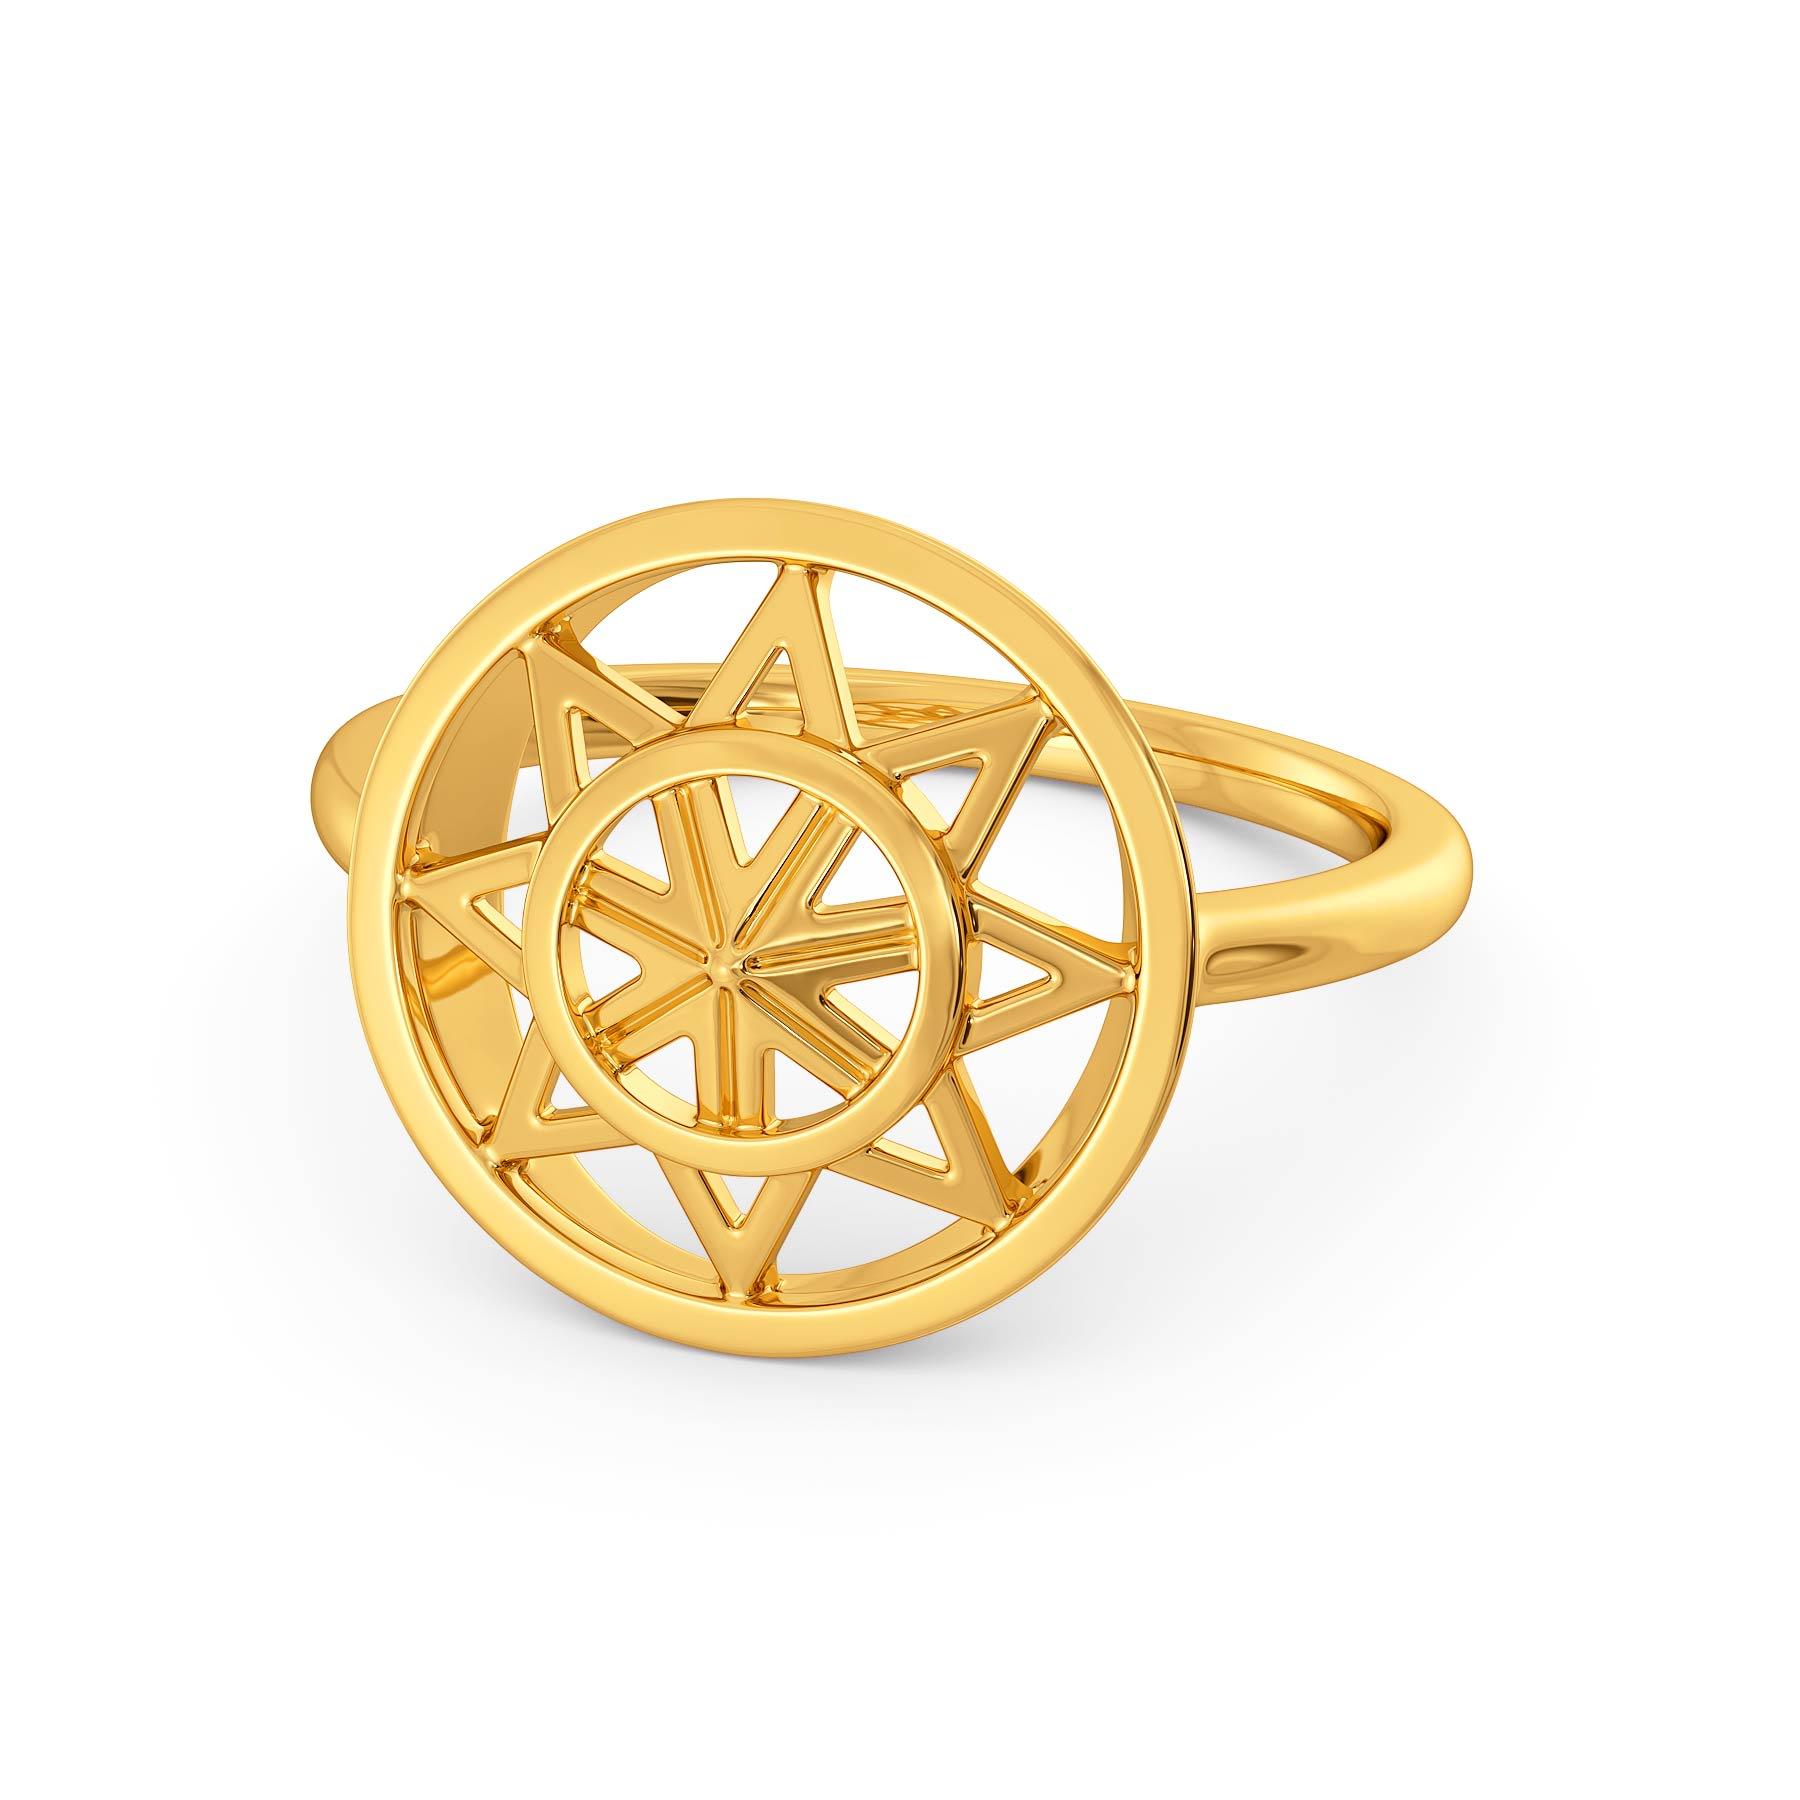 Serene Drapes Gold Rings